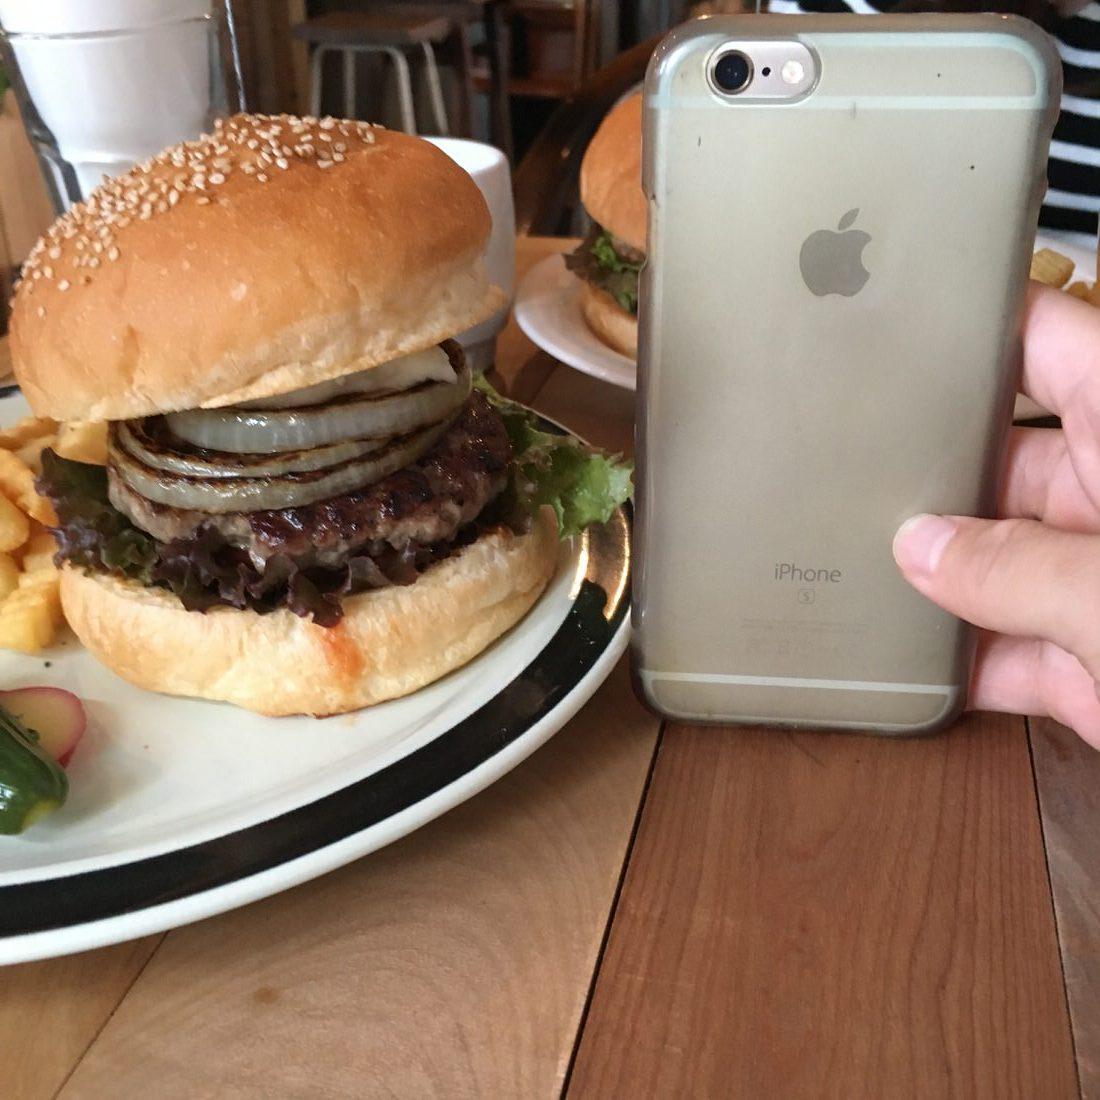 iPhoneVSハンバーガー